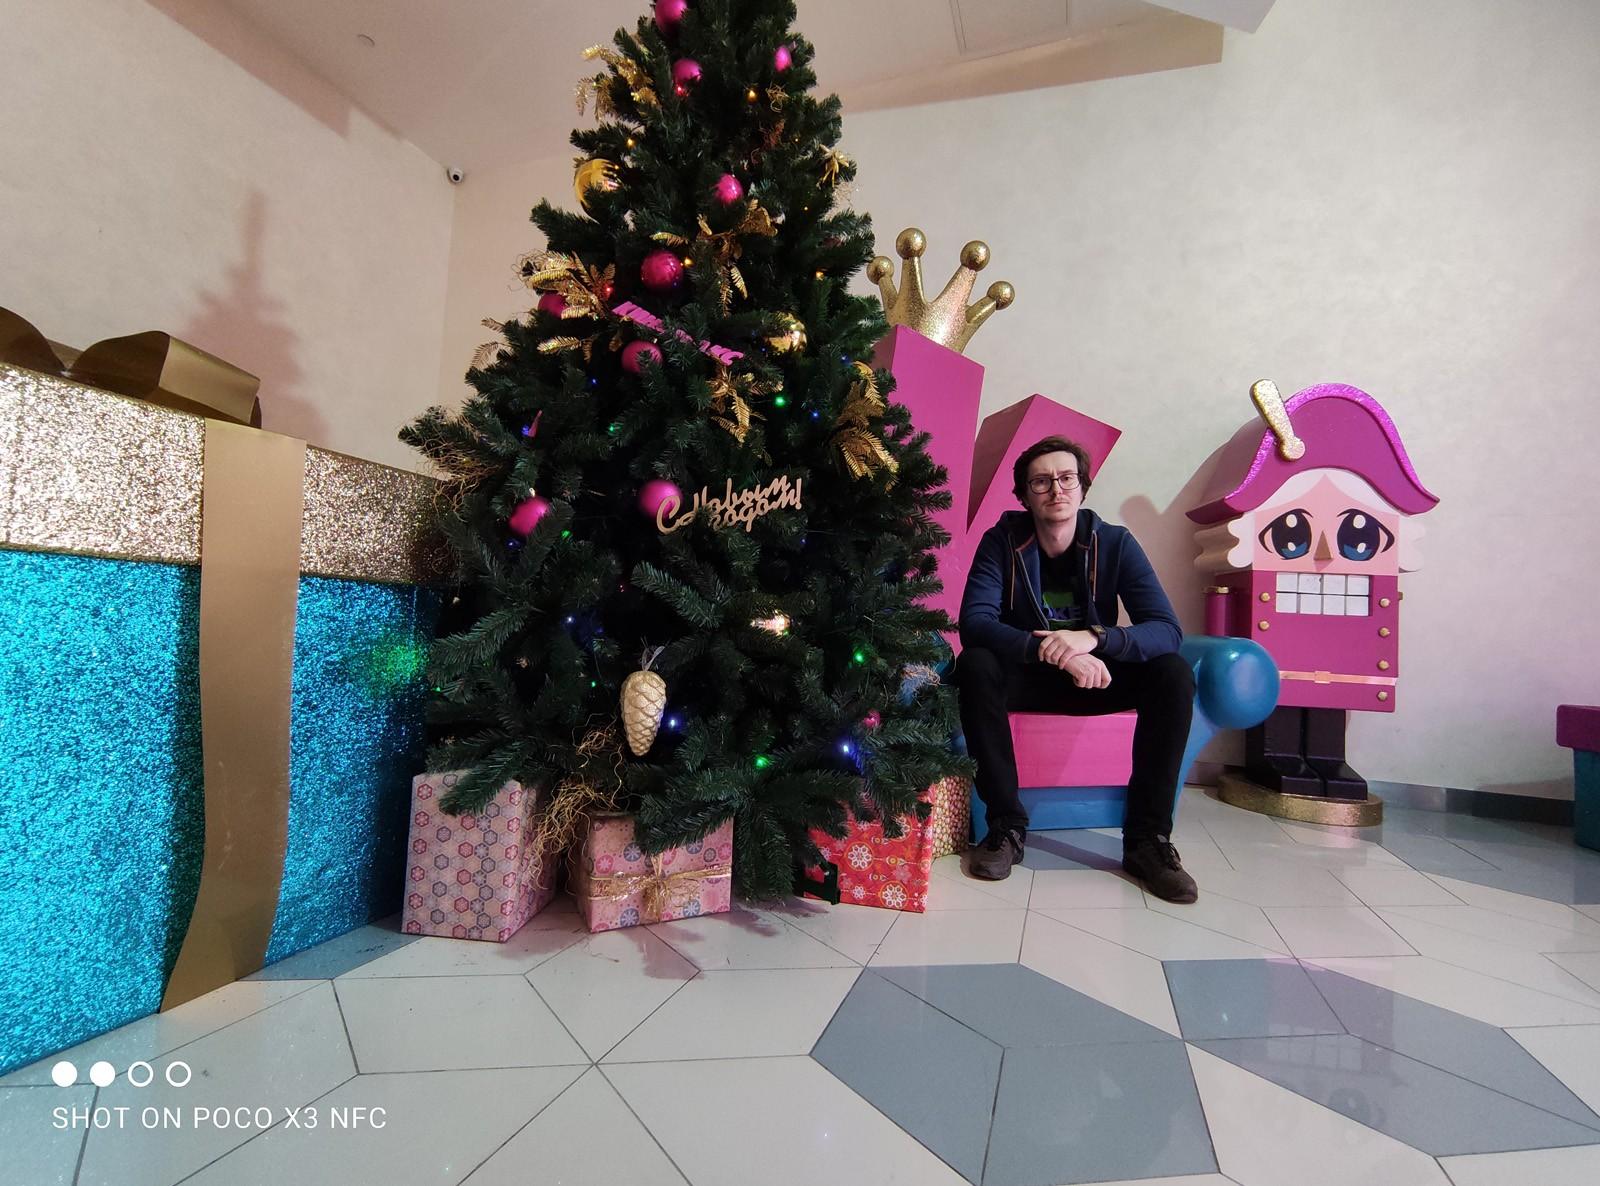 Poco X3 фото на широкоугольную камеру в помещении